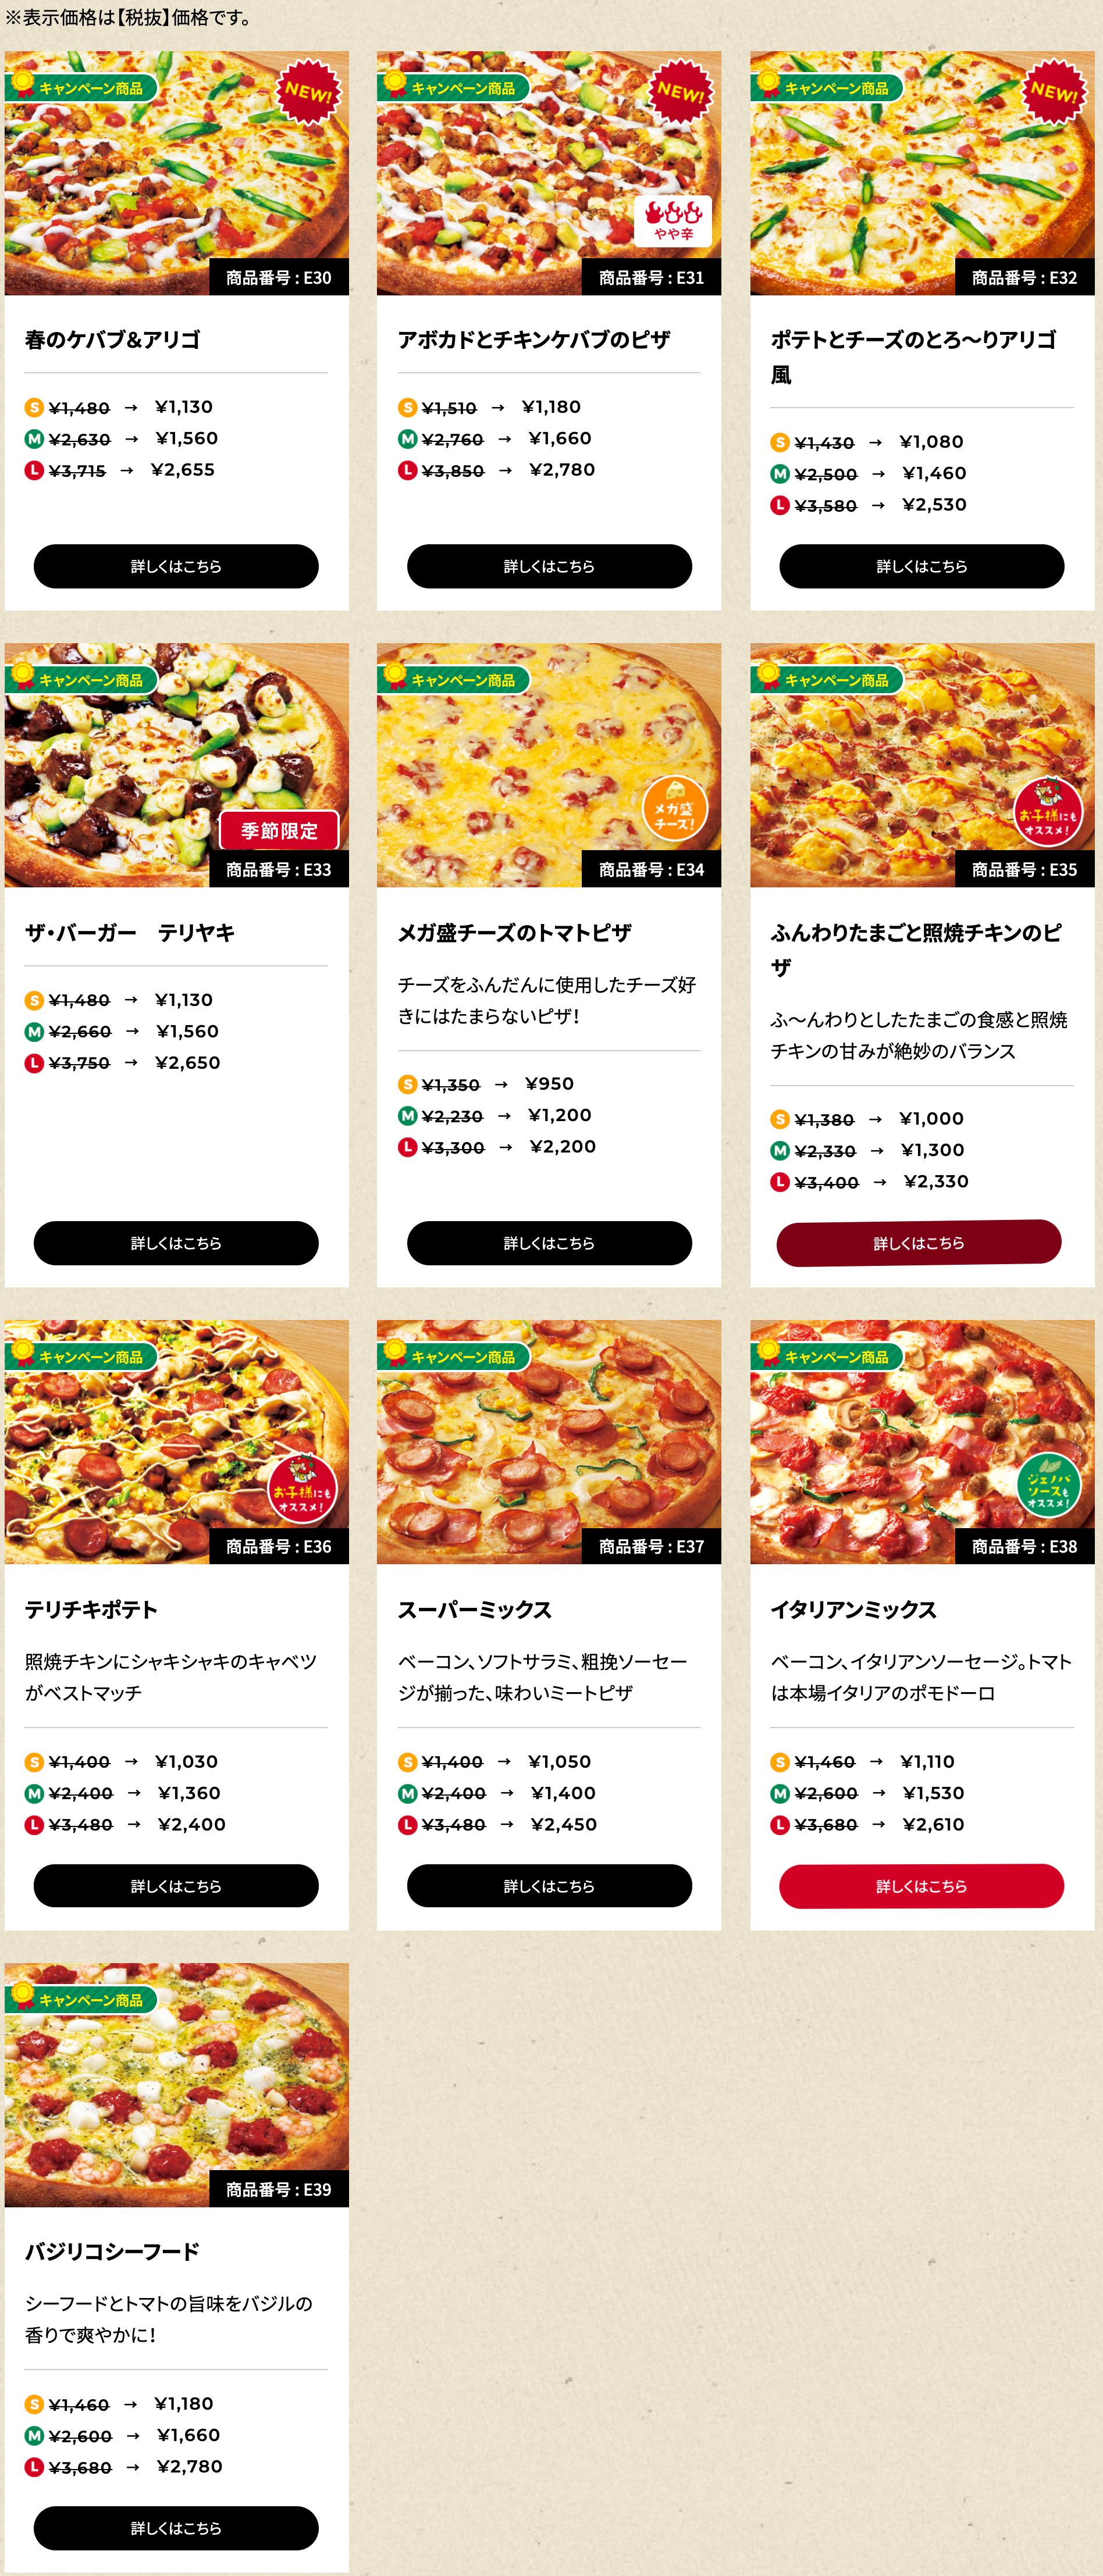 キャンペーンピザ